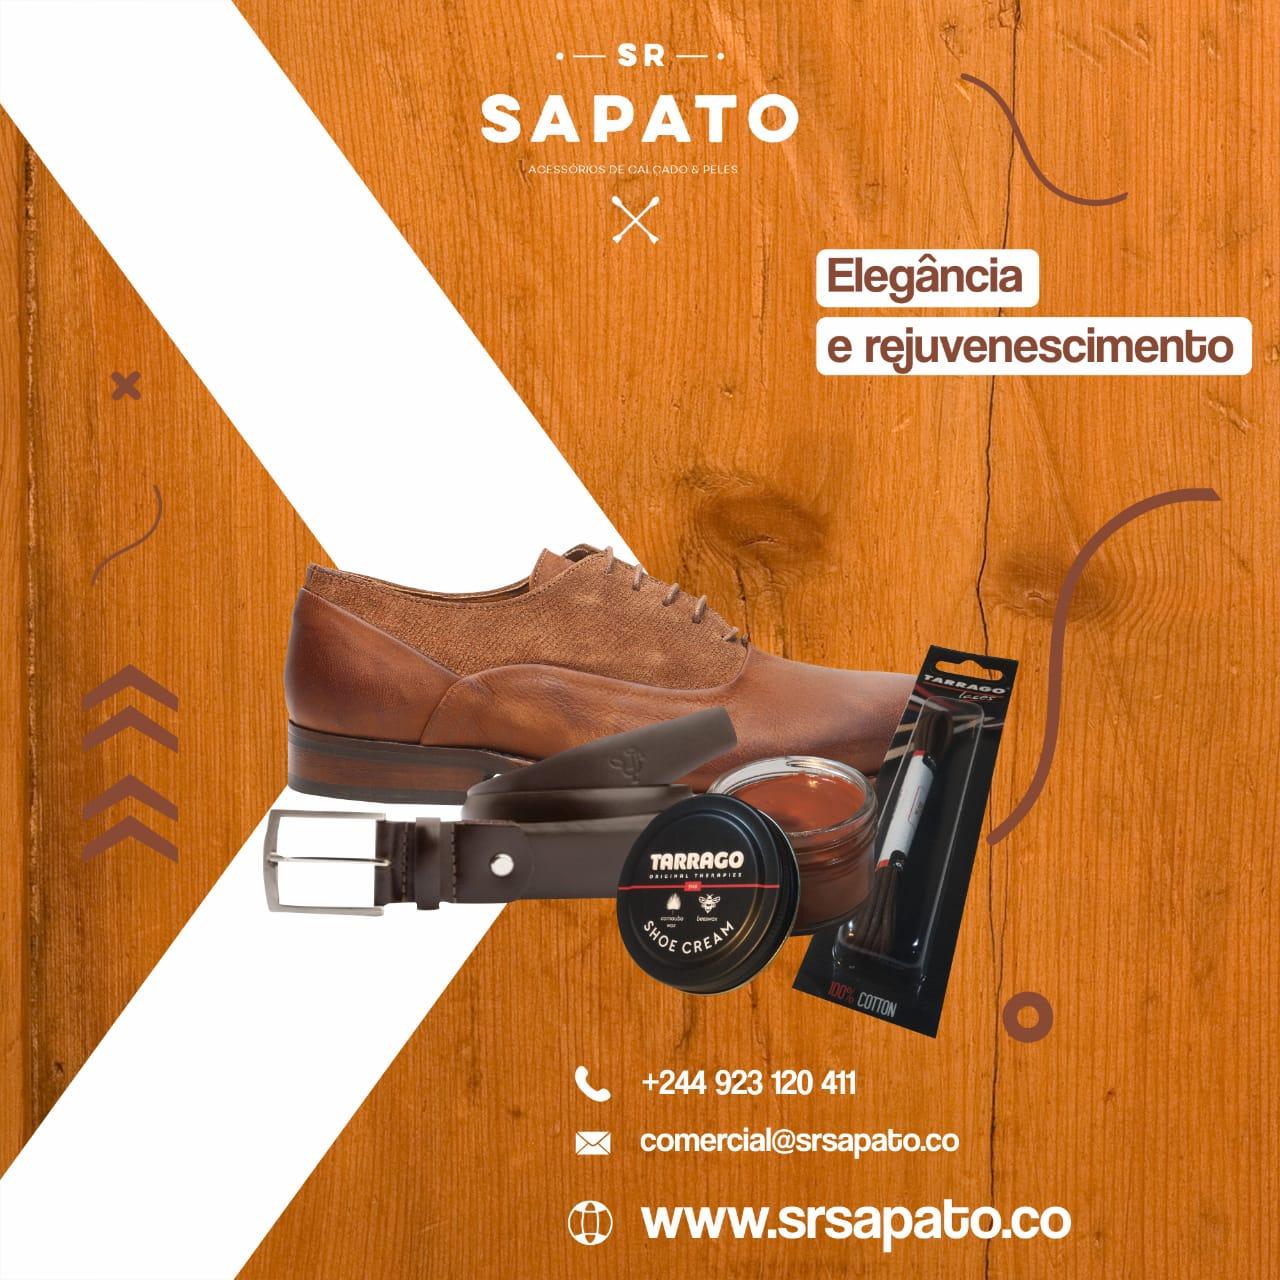 www.srsapato.co